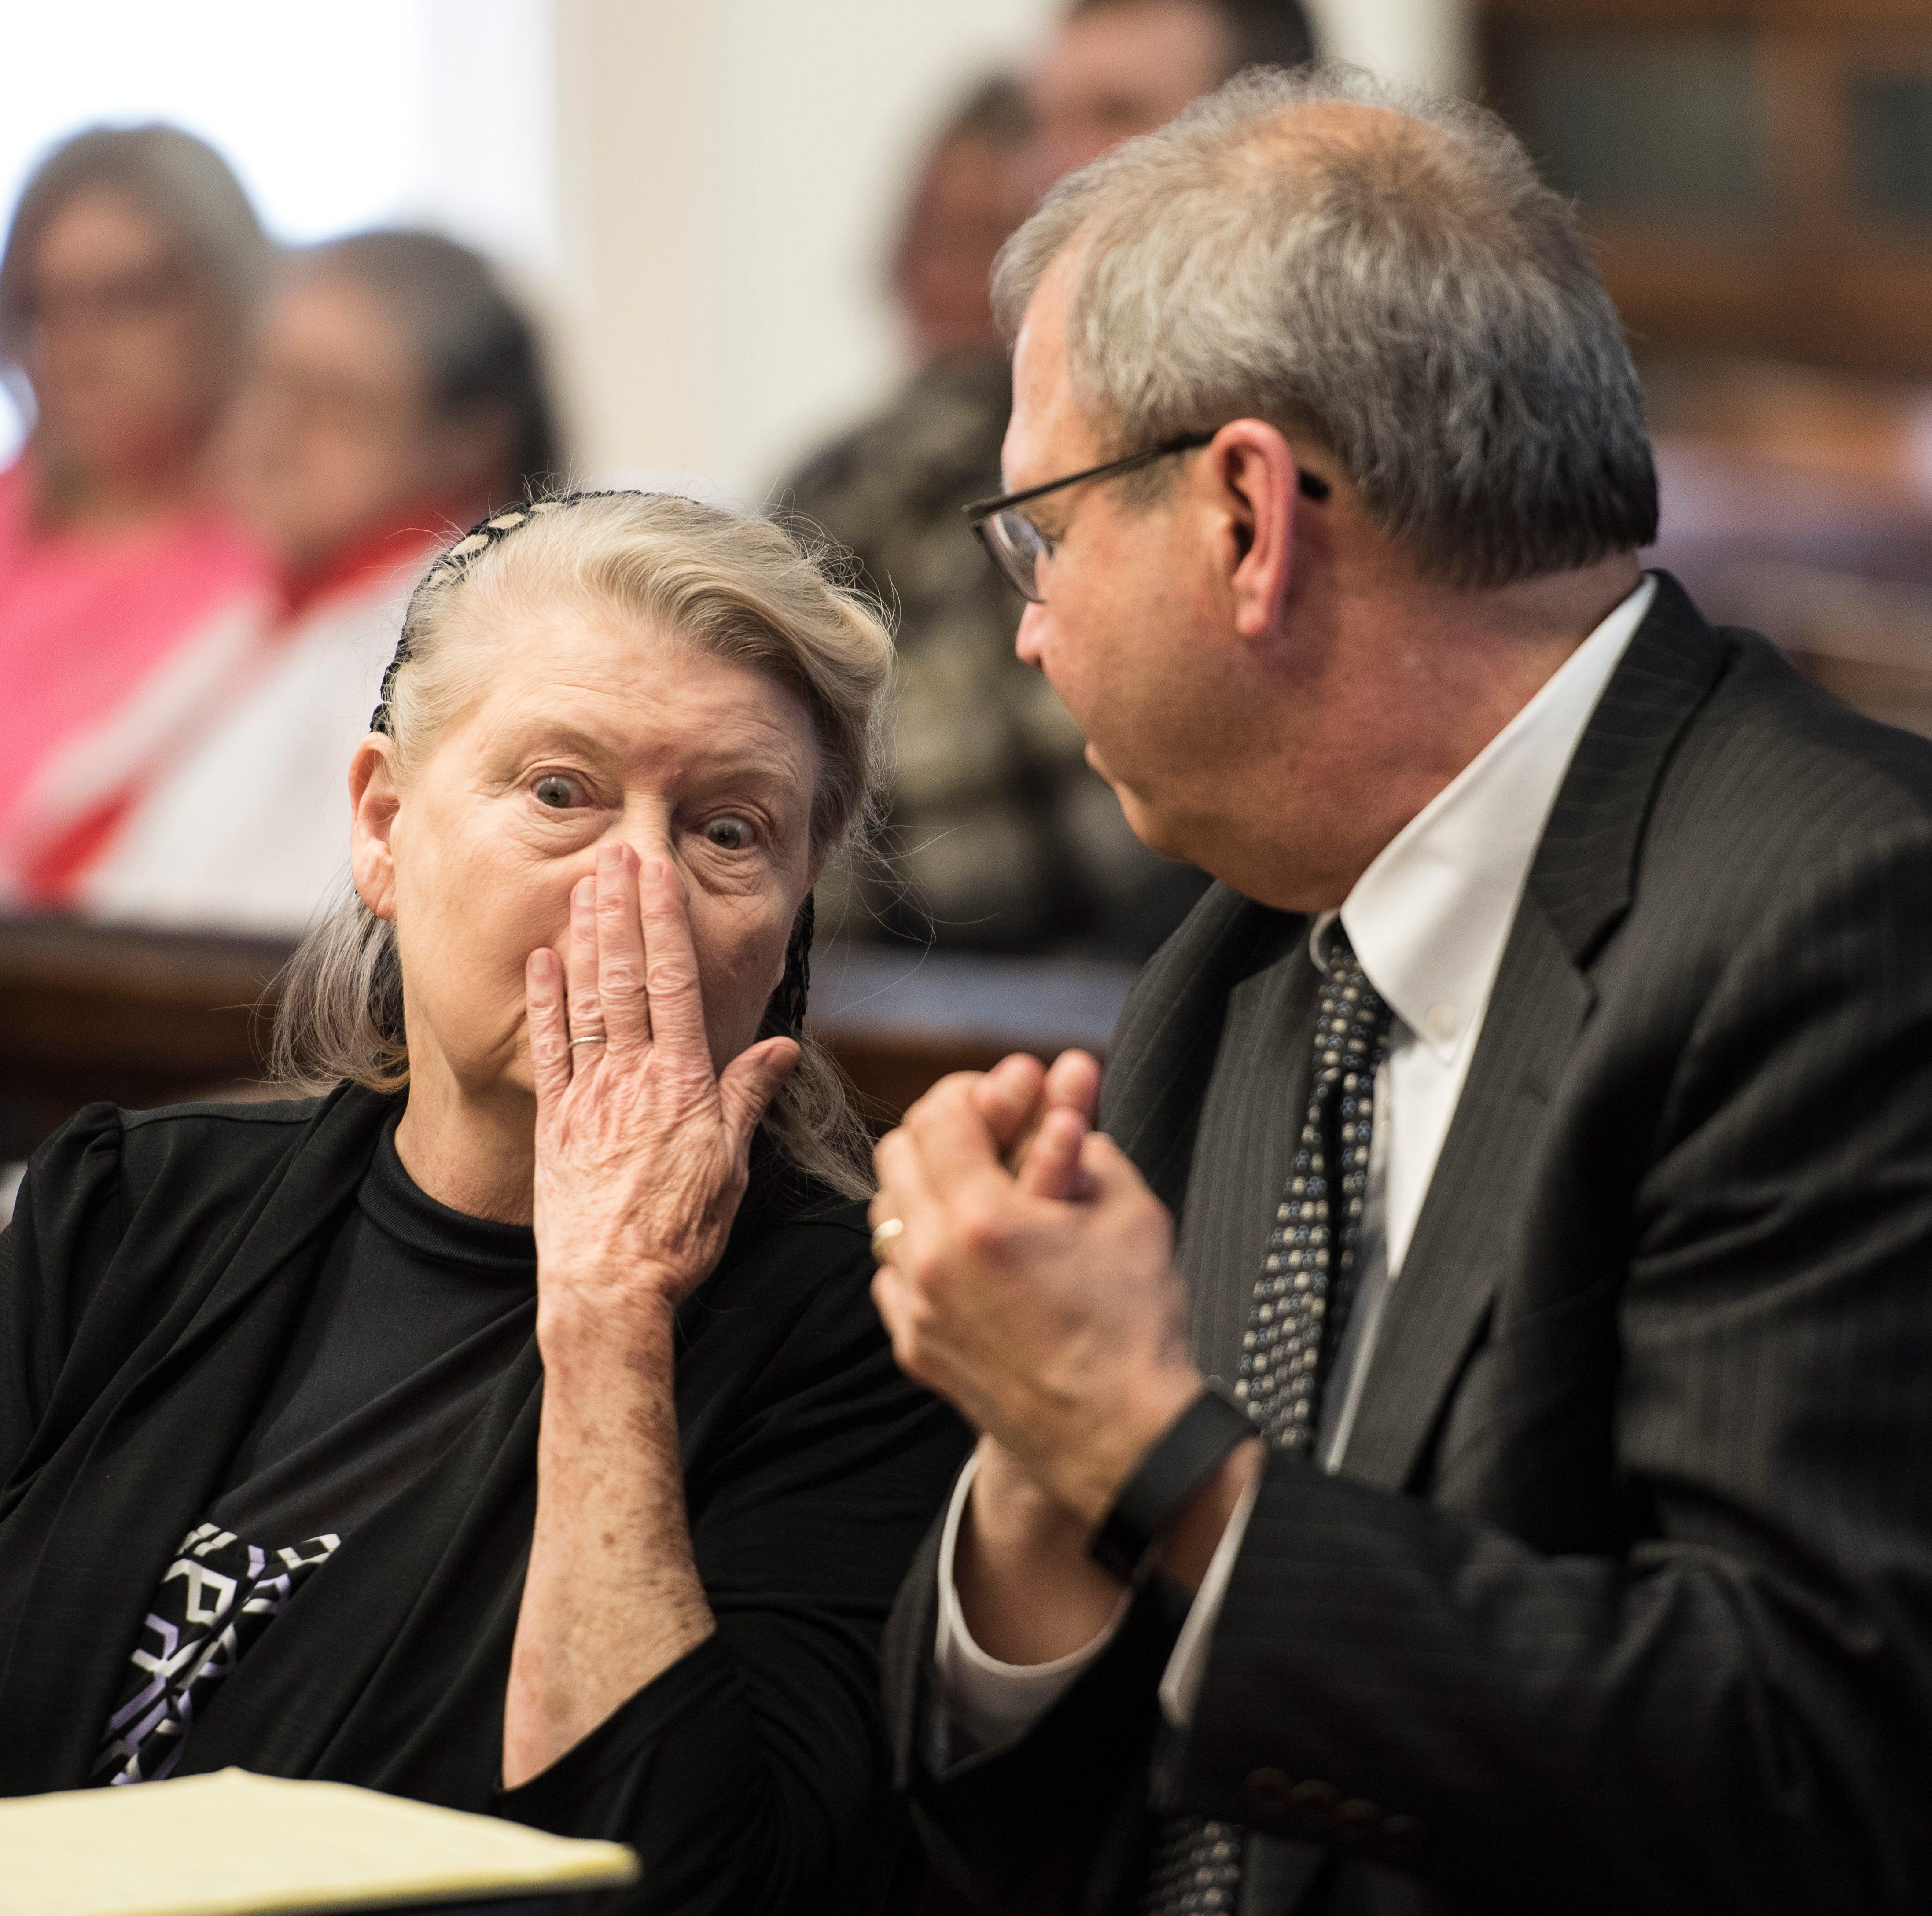 Prosecution 'shocked' by defense attorney in Rhoden murder case